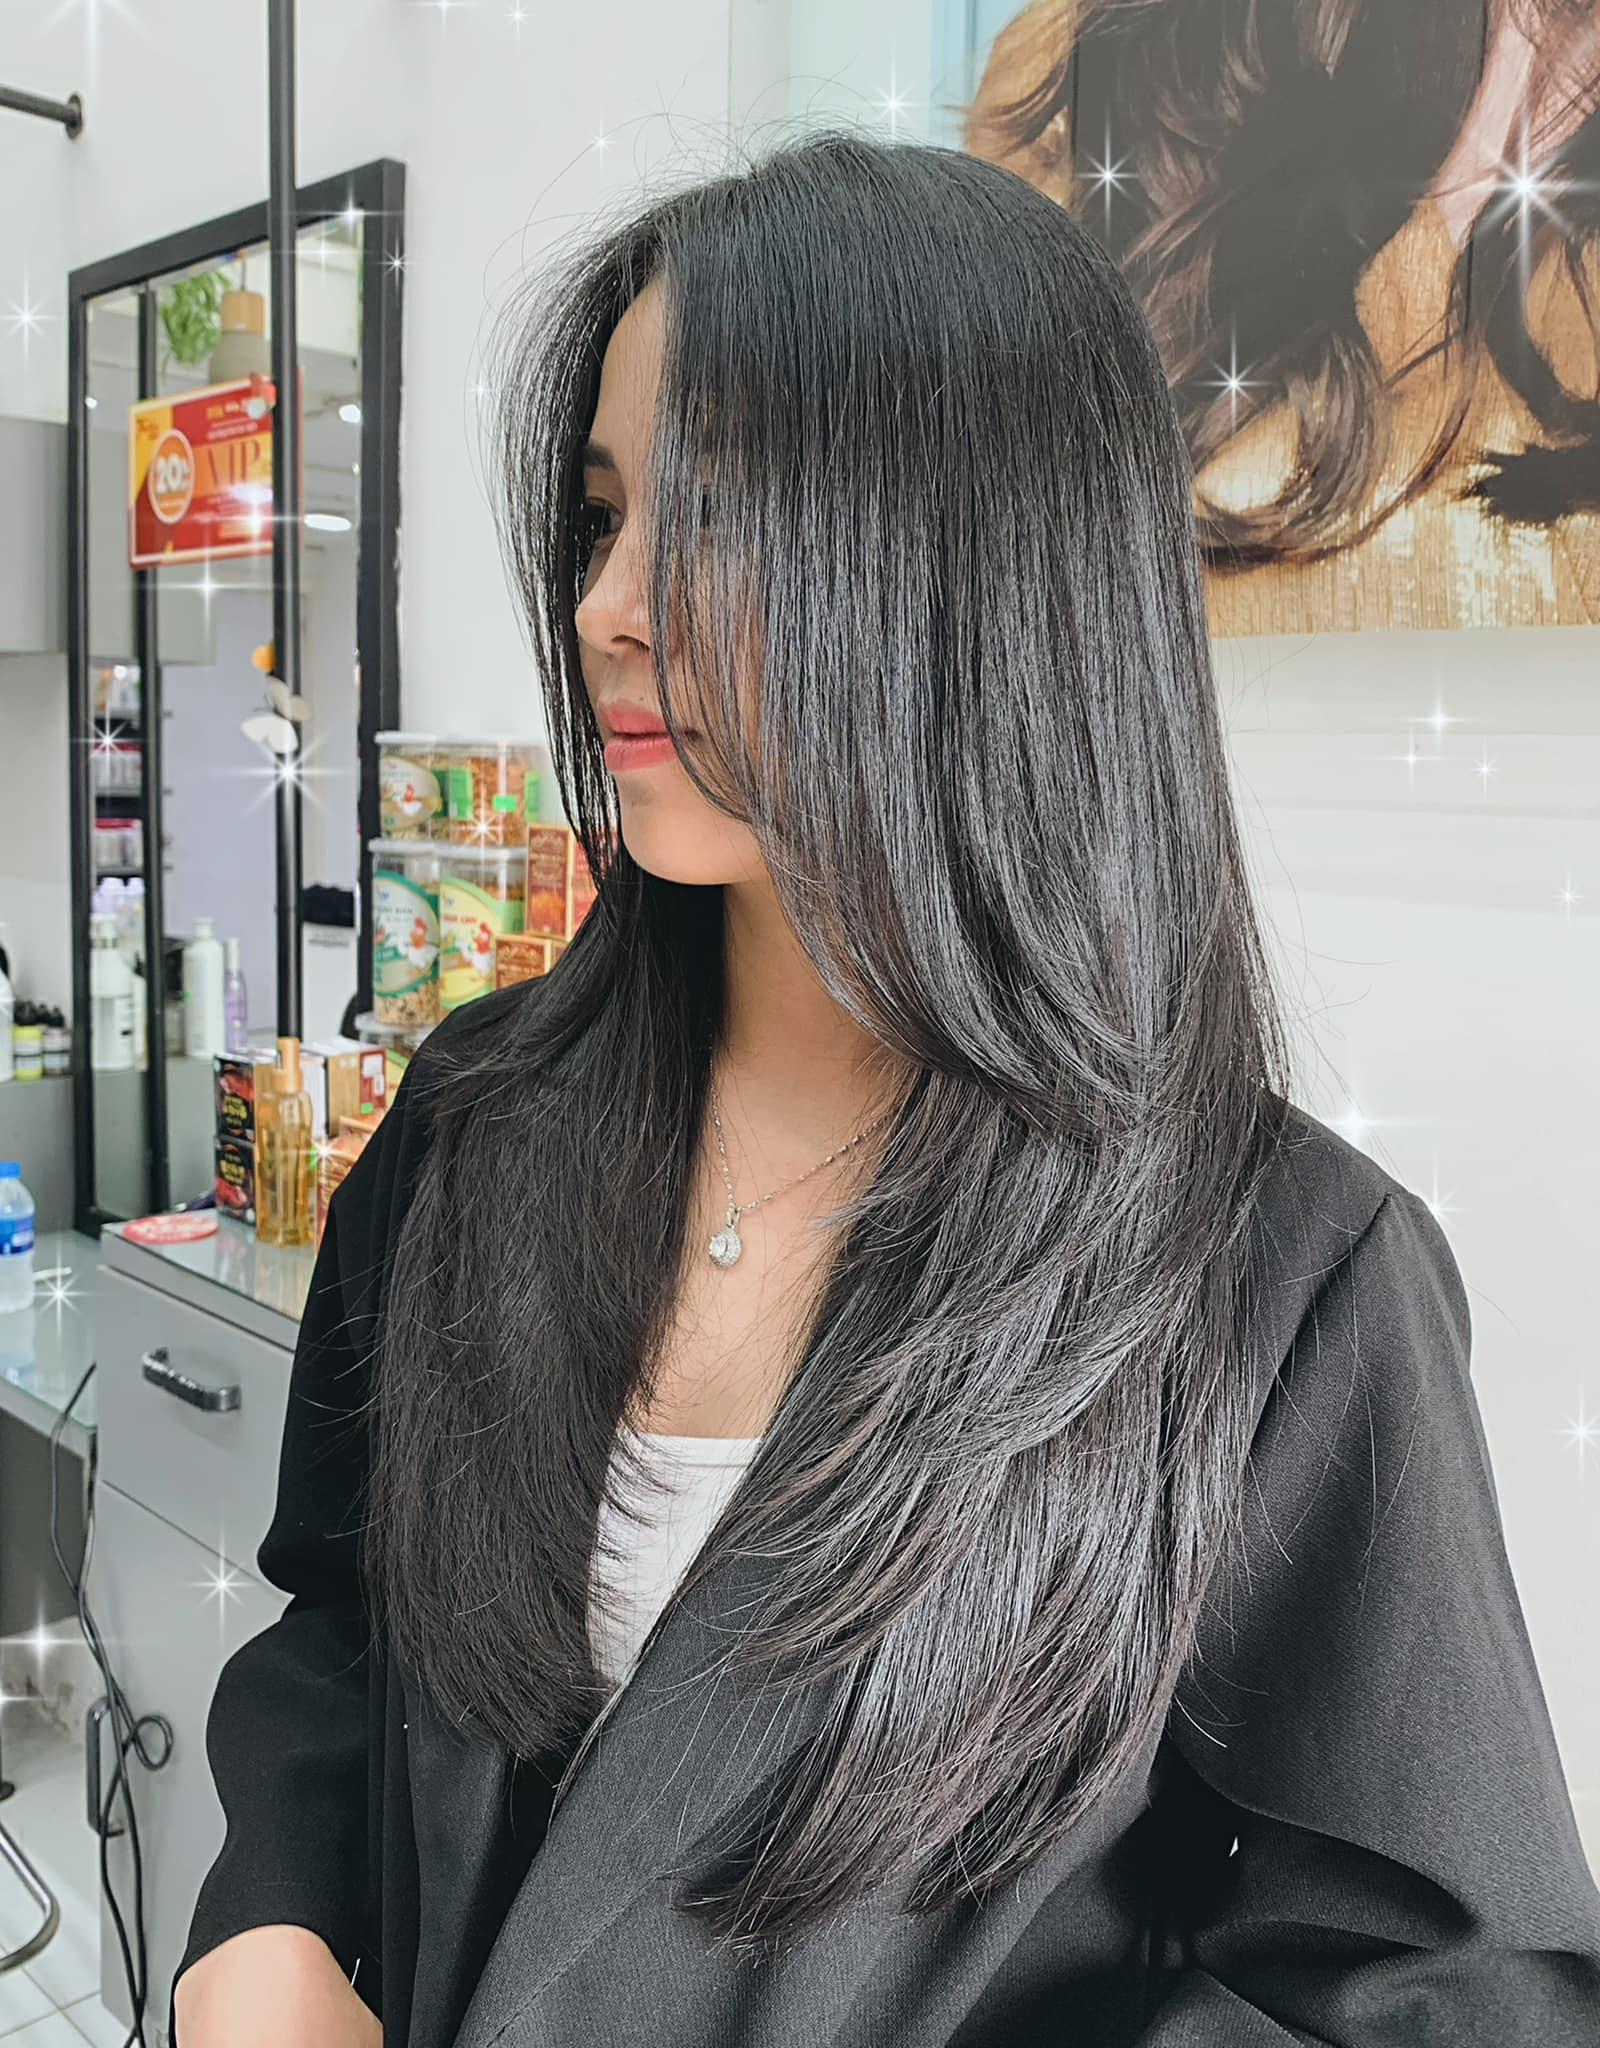 Tham khảo các chương trình khuyến mãi làm tóc tháng 3/2021 cực kì hấp dẫn tại TP HCM - Ảnh 7.